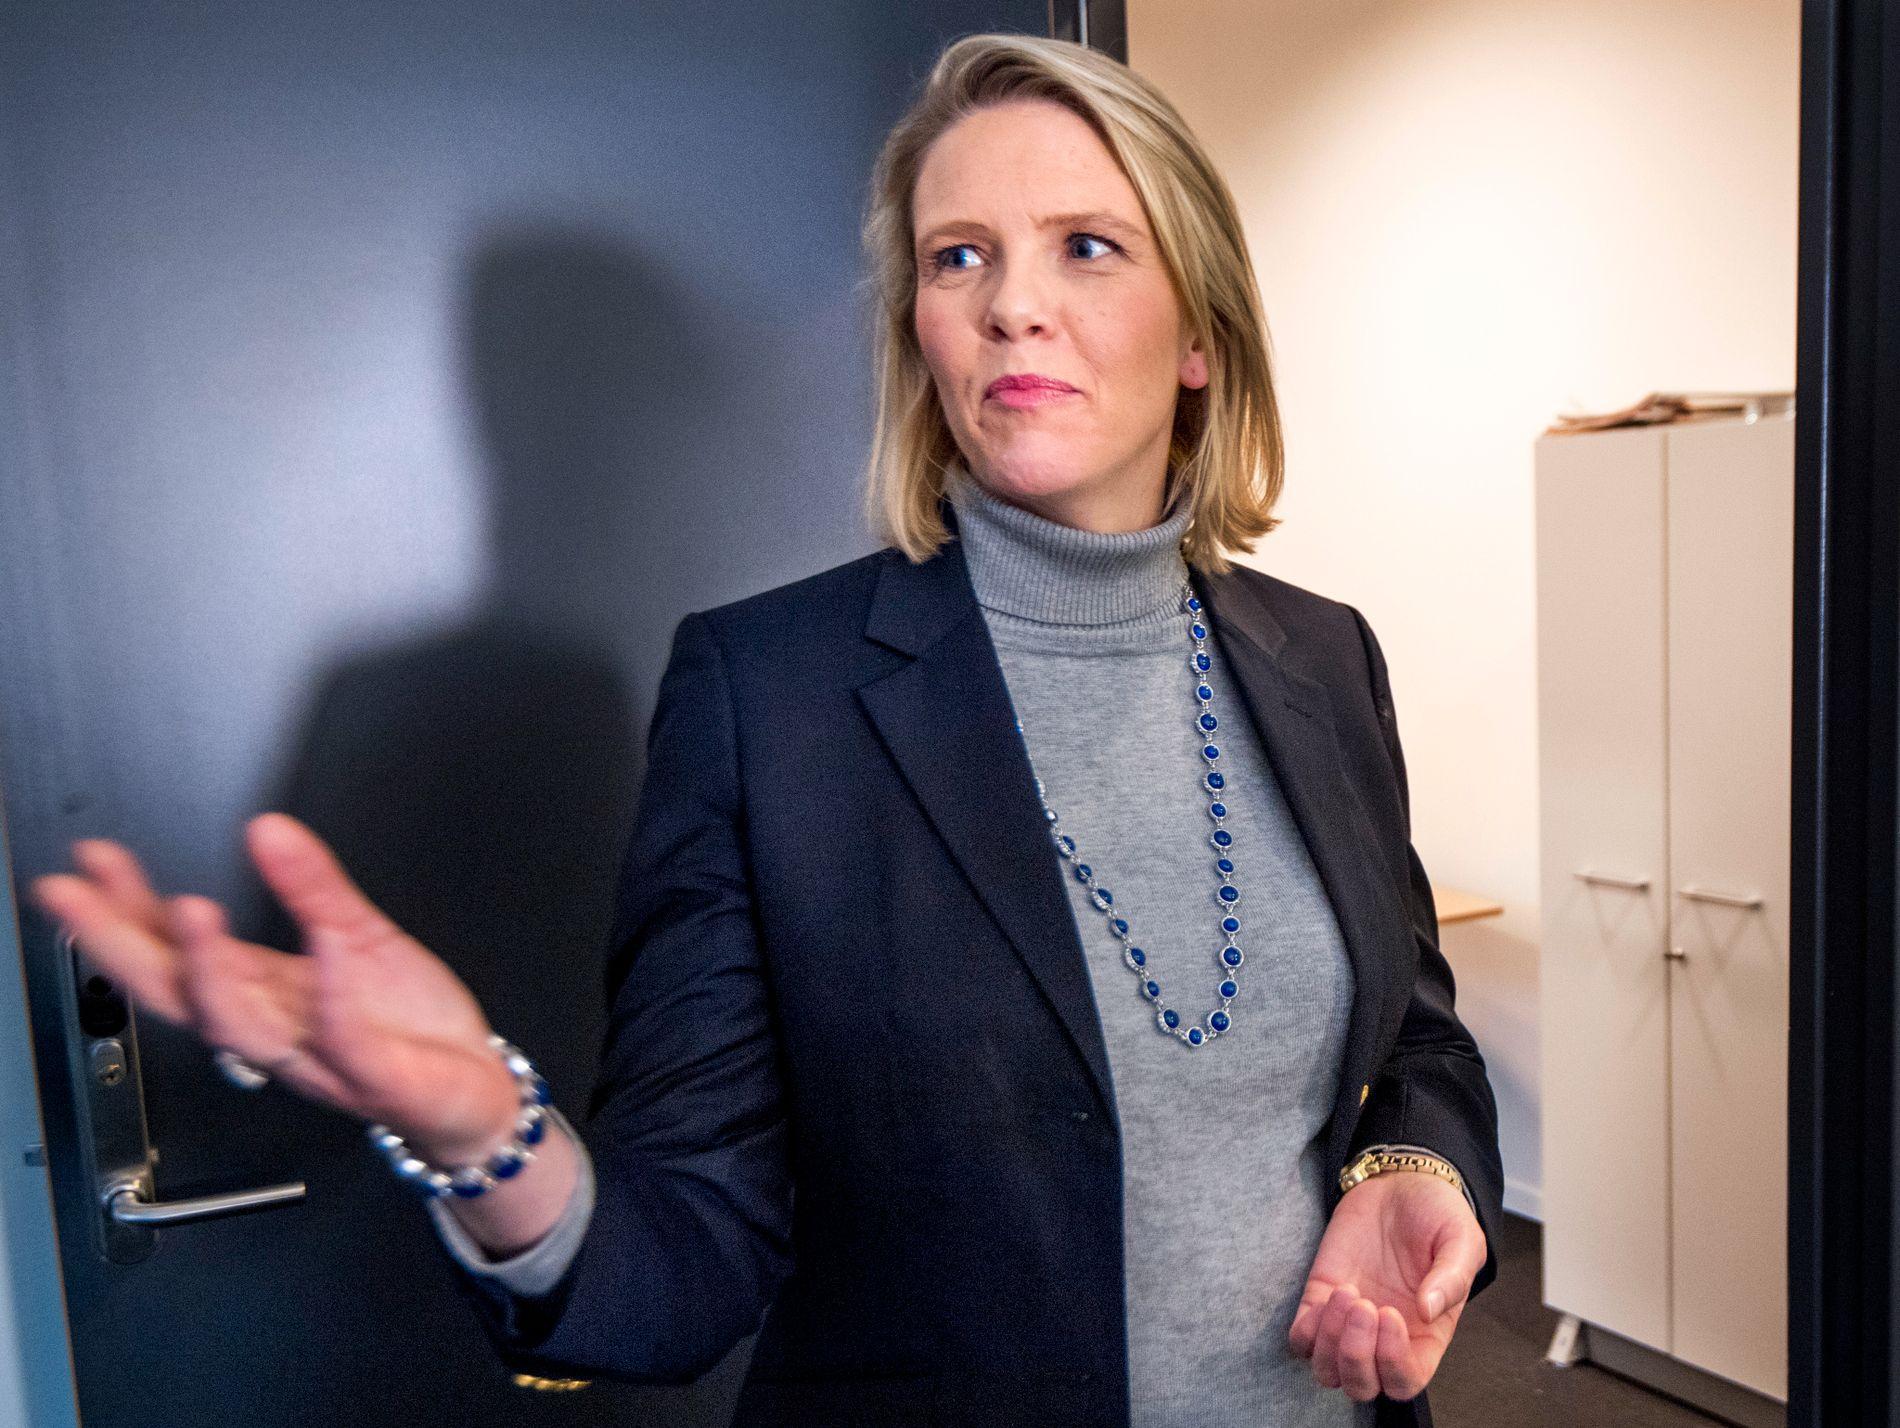 STATSRÅD BAK EGEN INNSAMLING: Innvandrings- og integreringsminister Sylvi Listhaug har startet egen innsamlingsaksjon for forfulgte kristne i andre land.